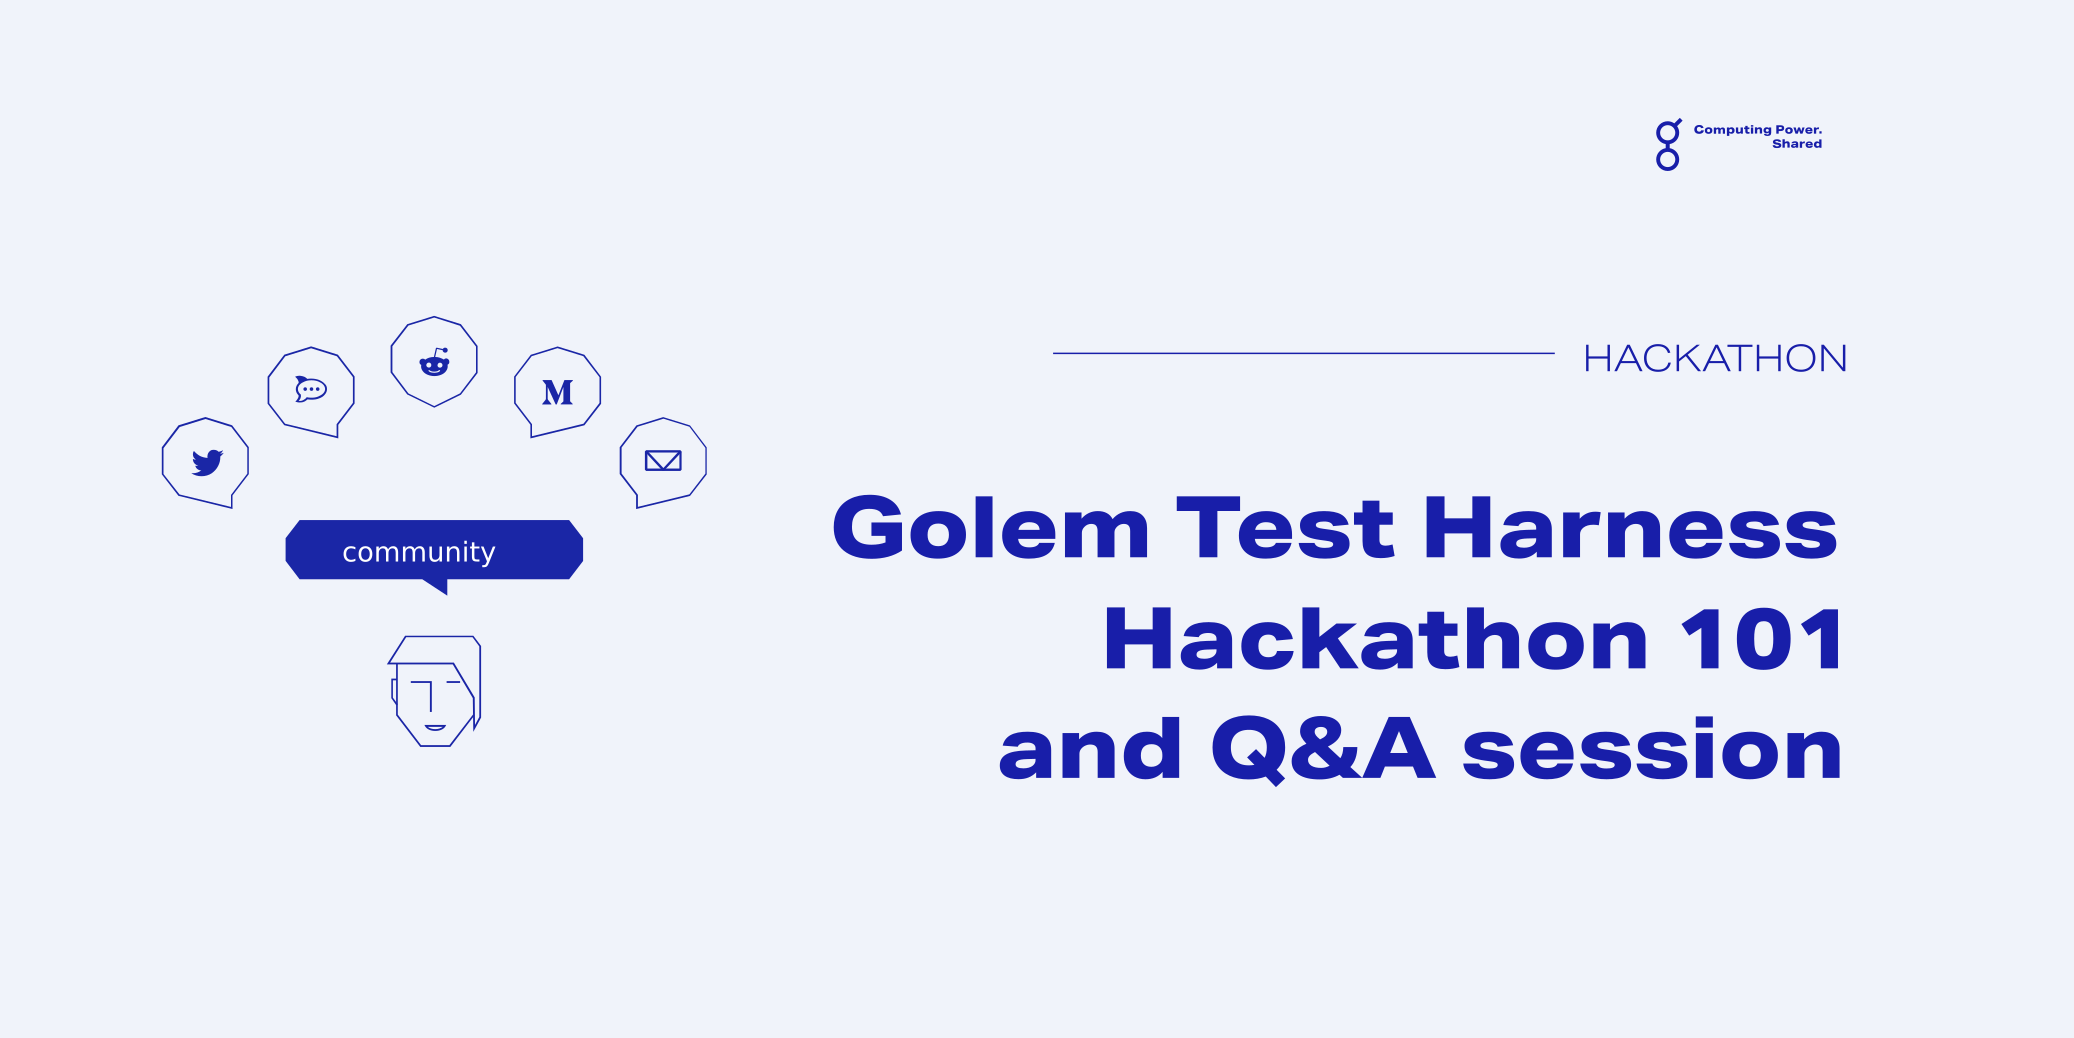 gWebinars: Golem Test Harness (Goth), Hackathon 101 and Q&A session